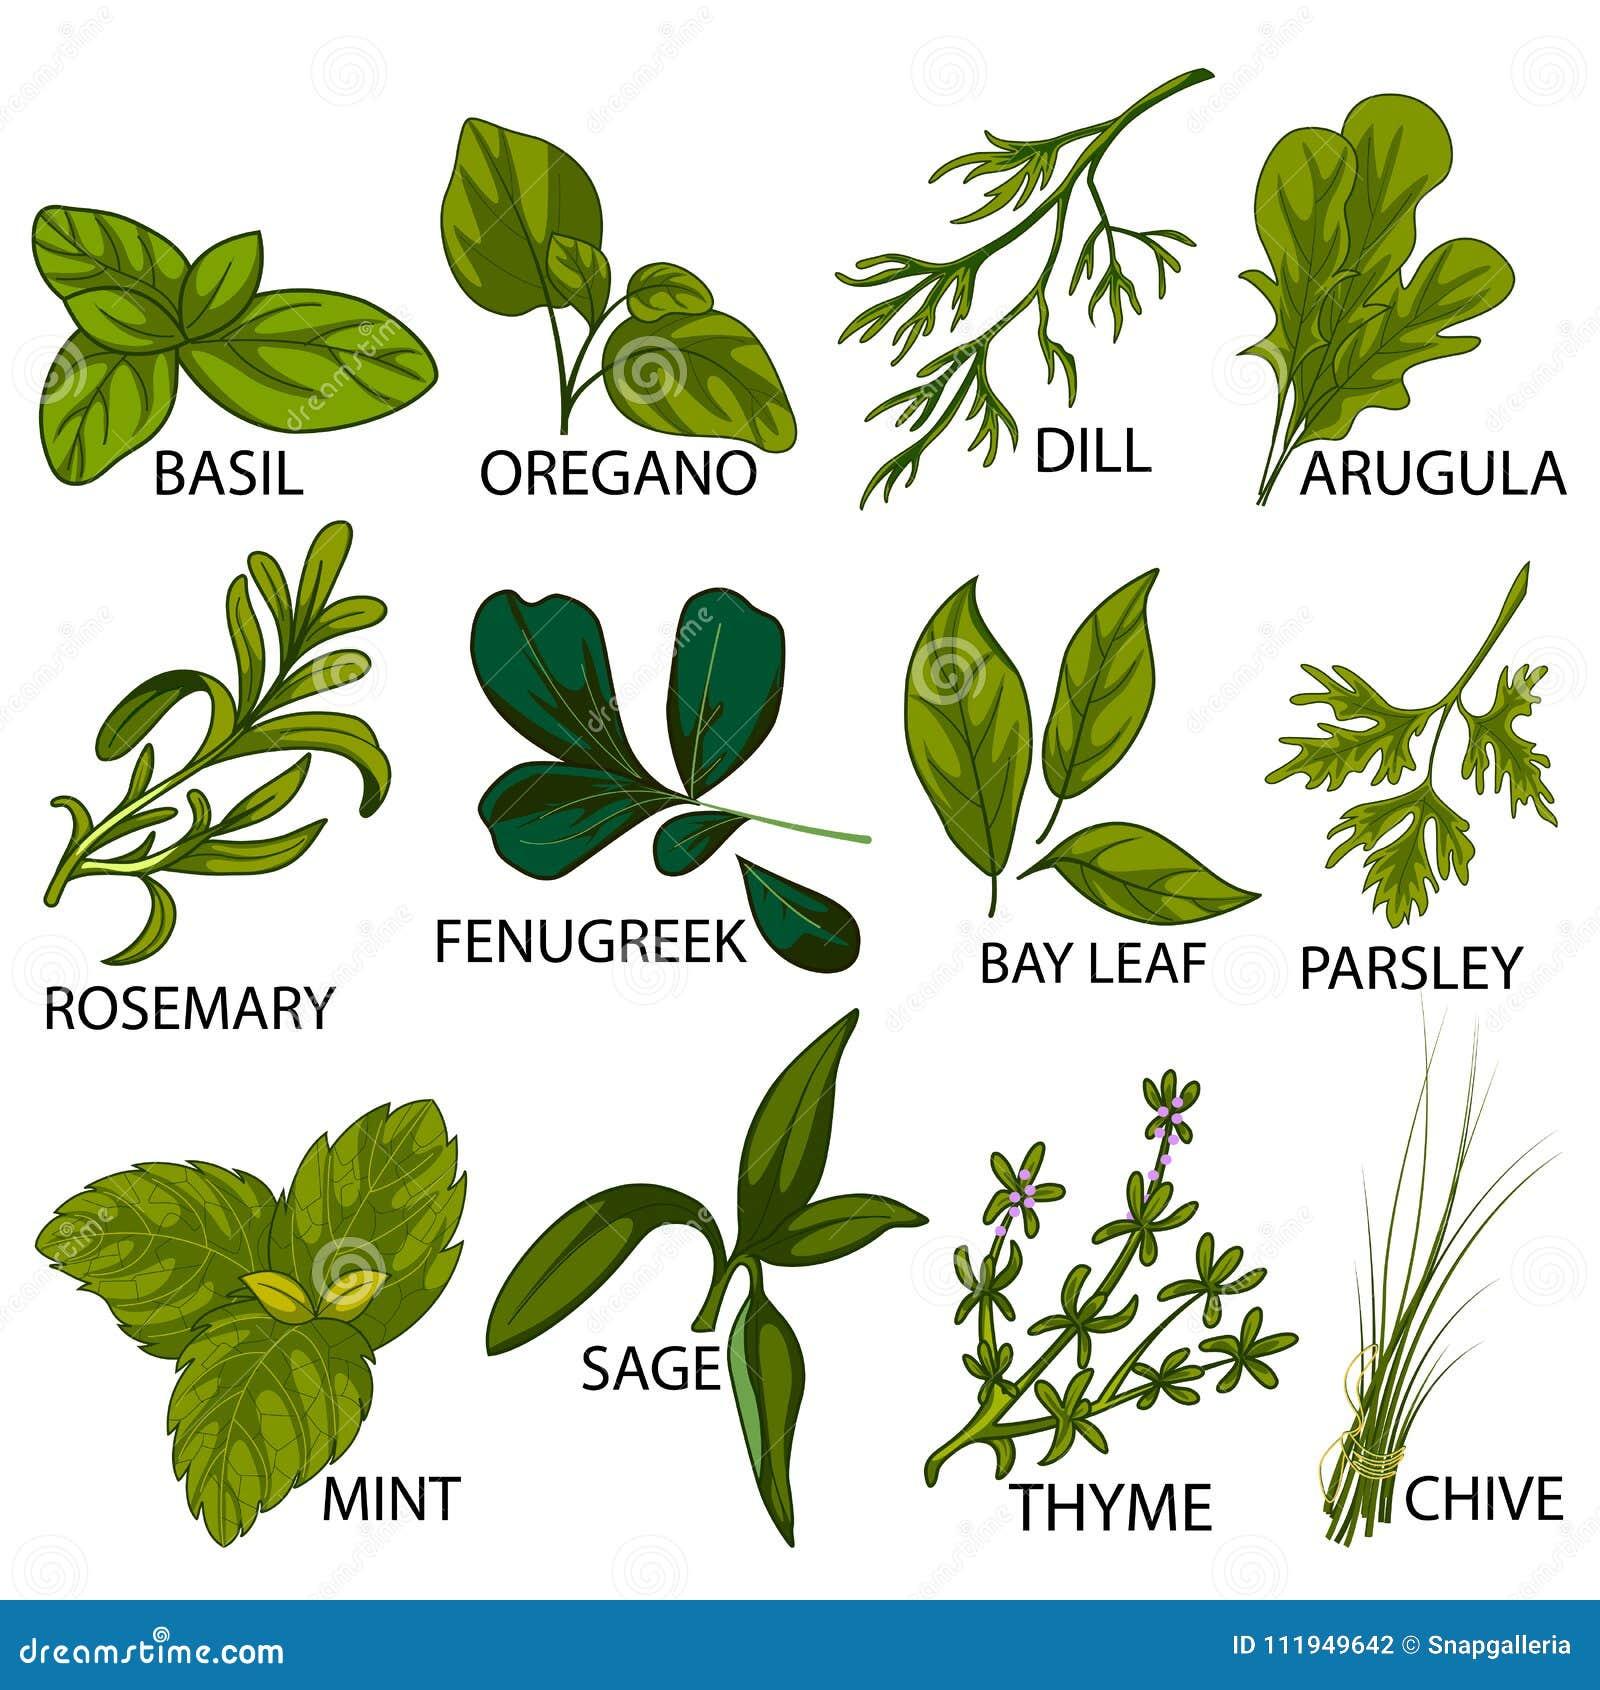 Différentes Variétés De Thym variété différente d'herbes fraîches utilisées dans la